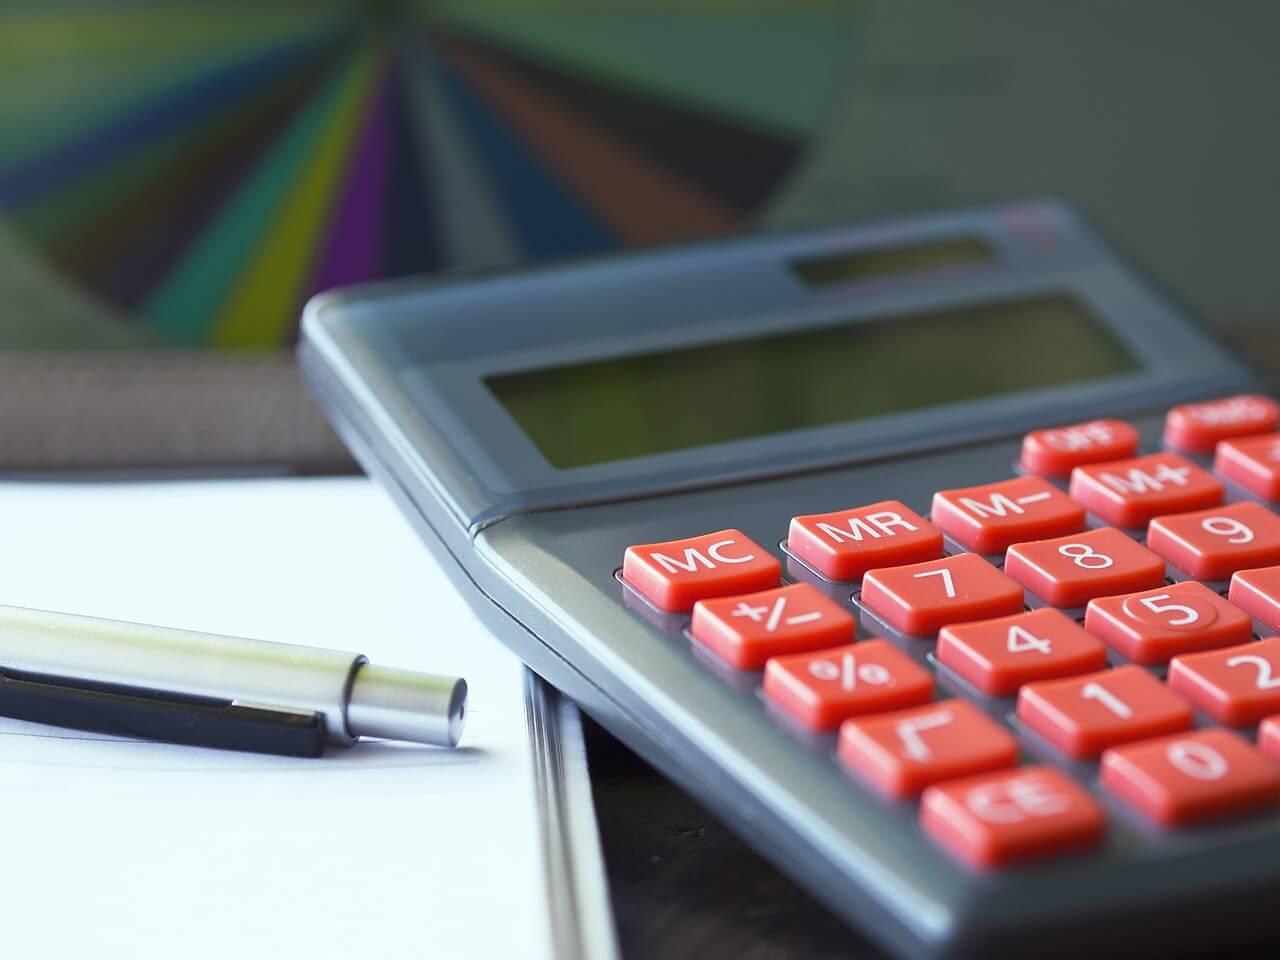 Steuerberatungskosten als Nachlassverbindlichkeiten absetzbar?